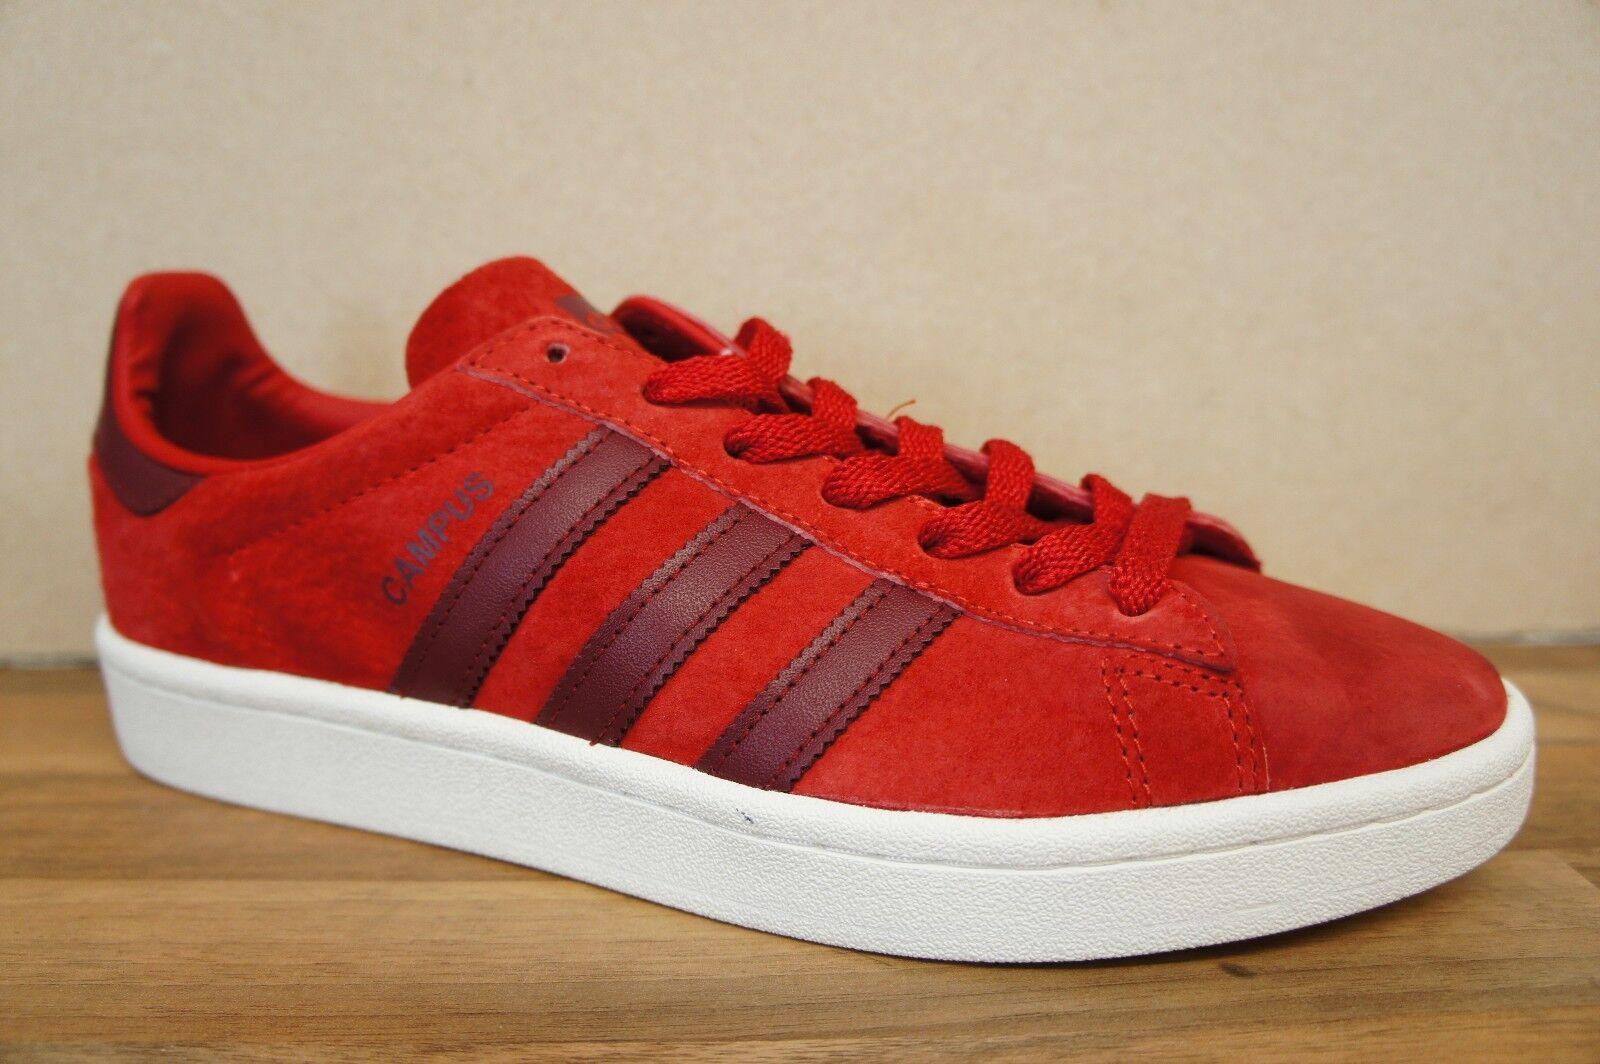 Adidas Taglia 7 Da Uomo Campus UK Rosso Bianco in Pelle Scamosciata Sautope Da Ginnastica BNWB Nuovo Sautope classeiche da uomo